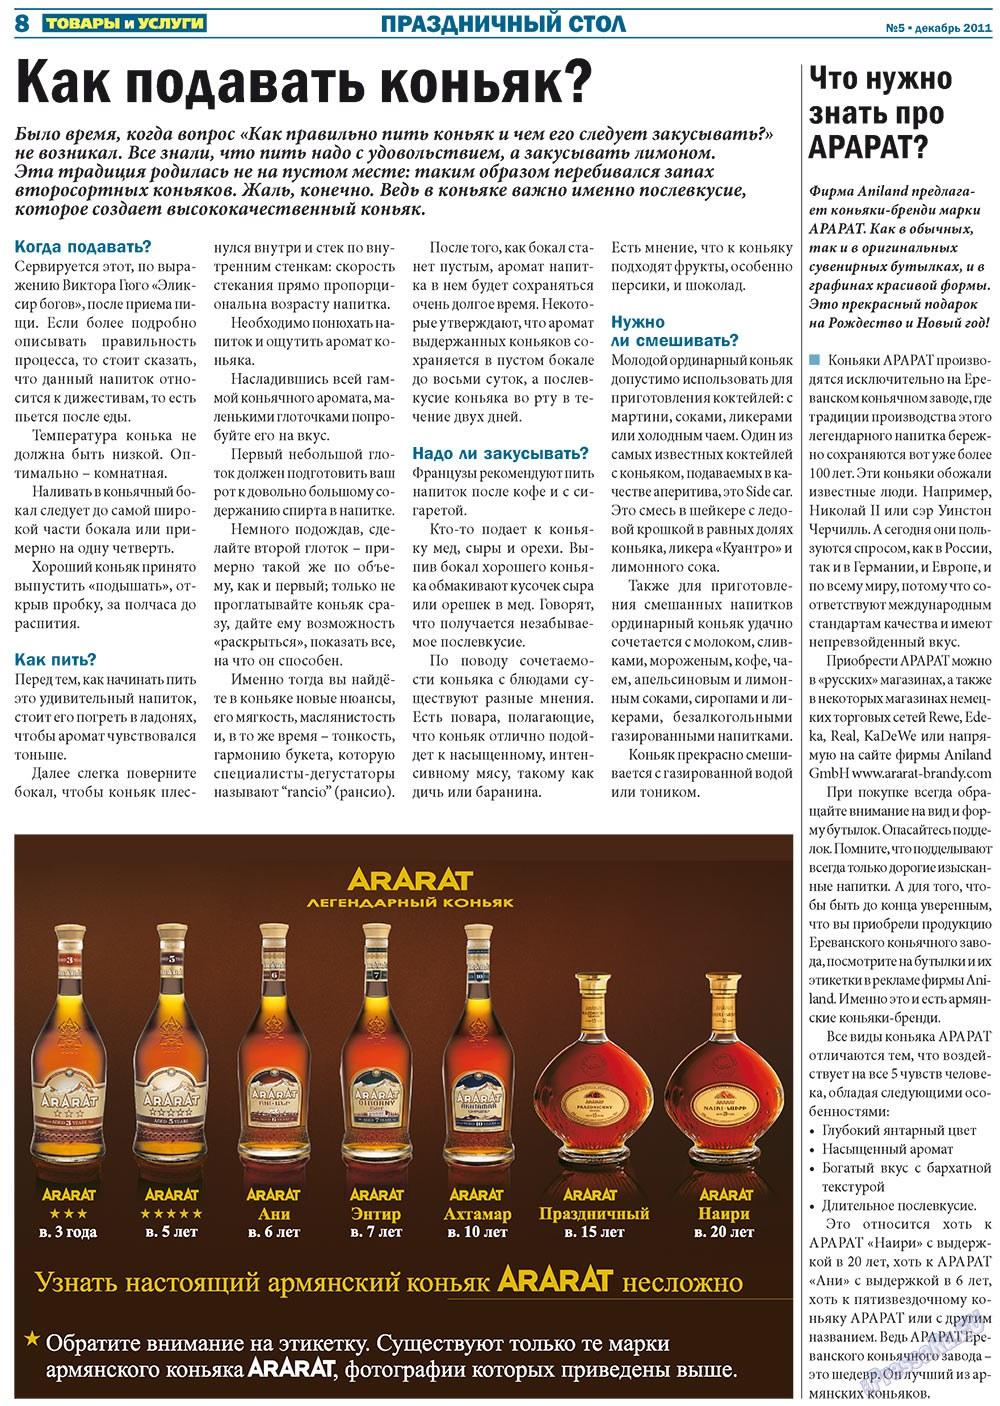 Товары и услуги (газета). 2011 год, номер 5, стр. 8